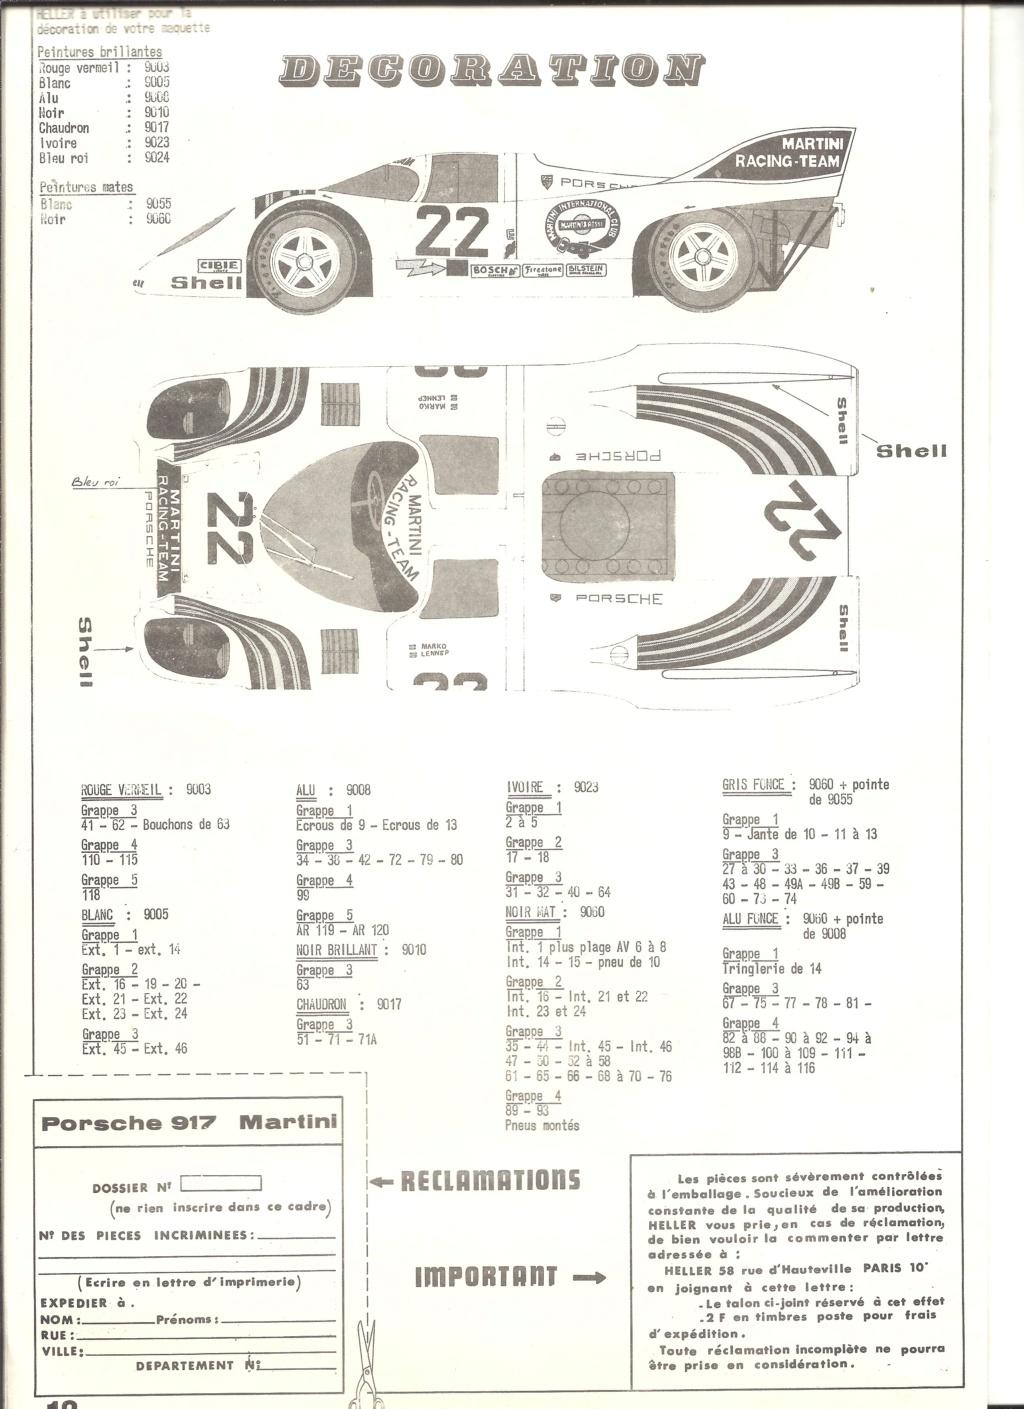 PORSCHE 917 K 1/24ème Réf L 742 Helle884